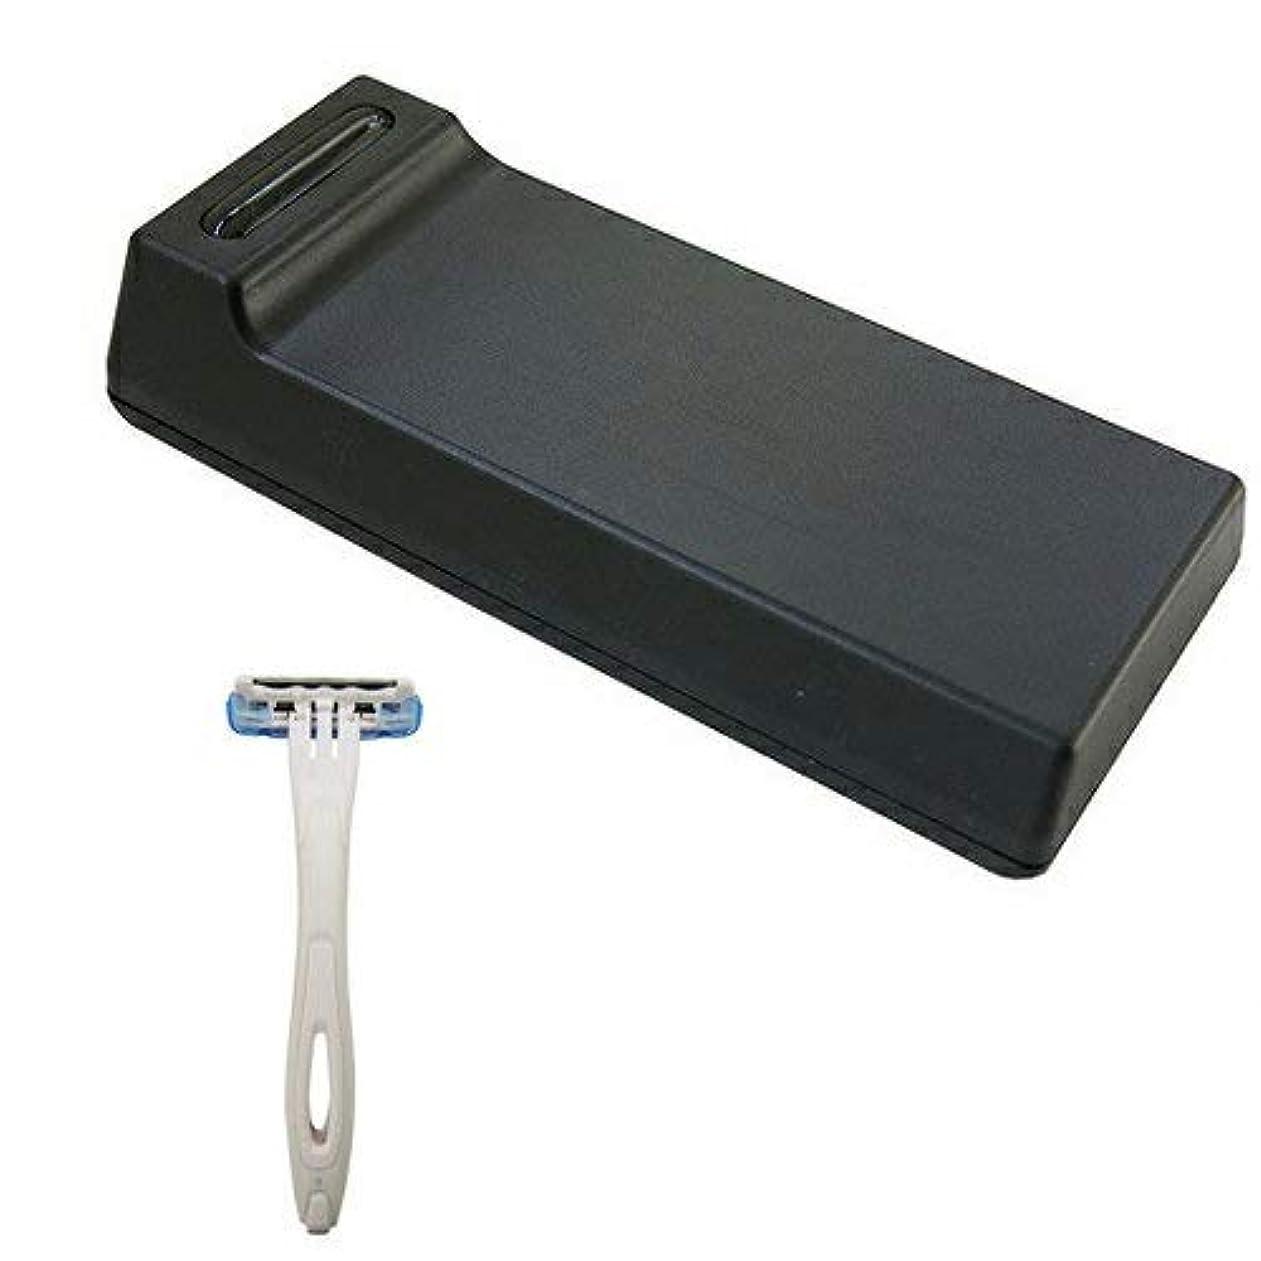 チャート修復油Cannelle カミソリ刃クリーナー BladeTech ブレードテック + 貝印 使い捨てカミソリ3枚刃